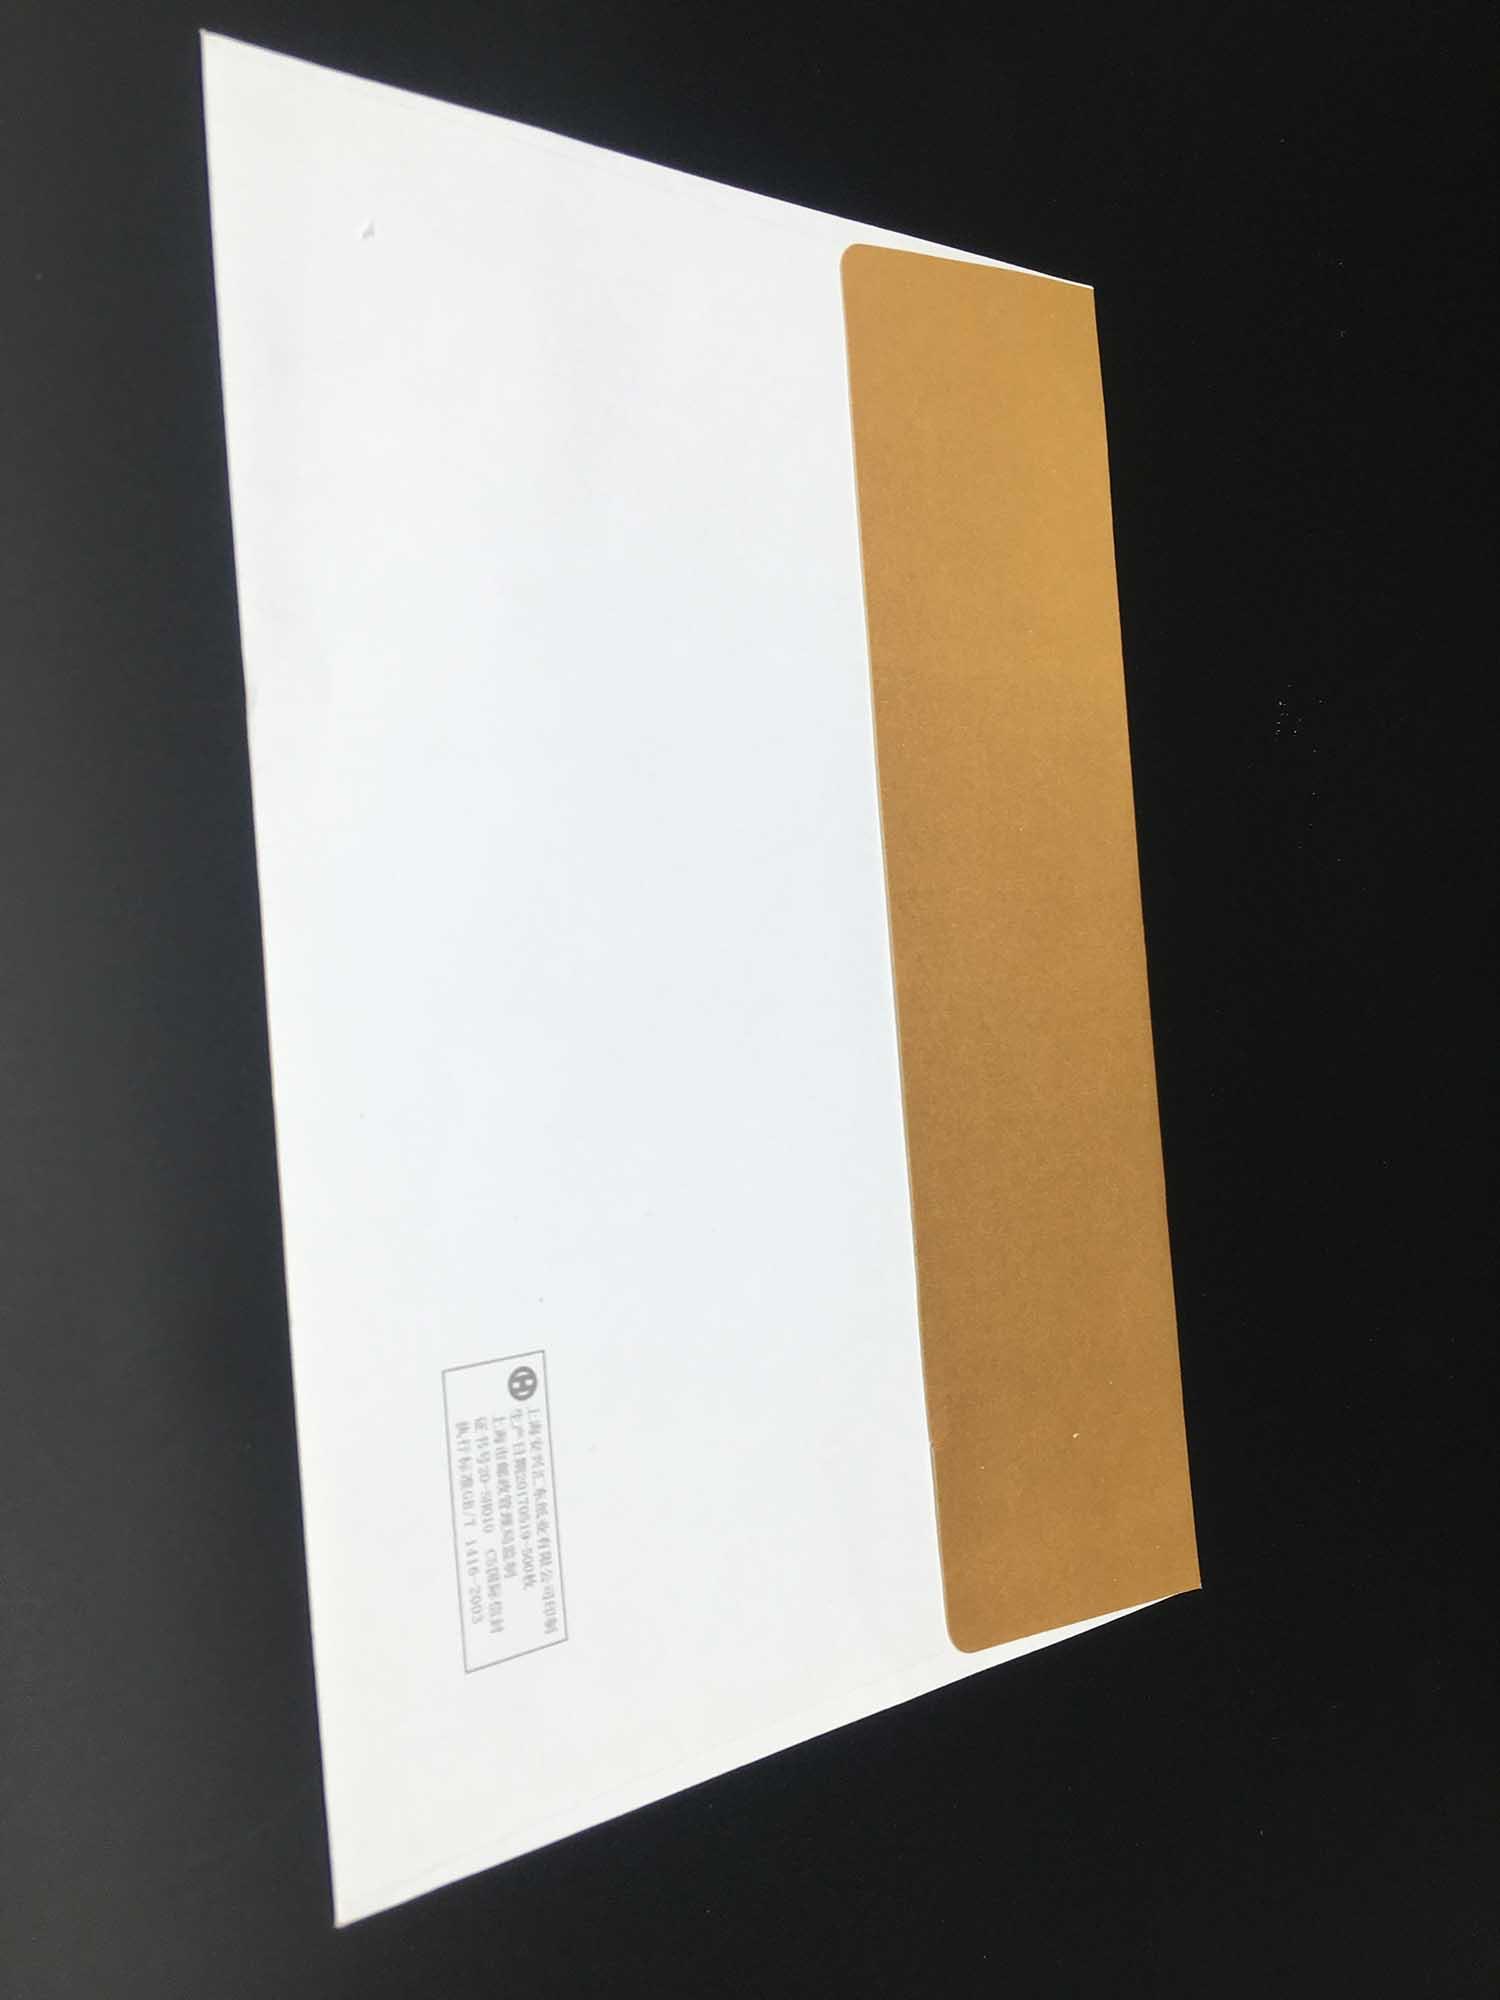 麒麟公司样本册印刷制作